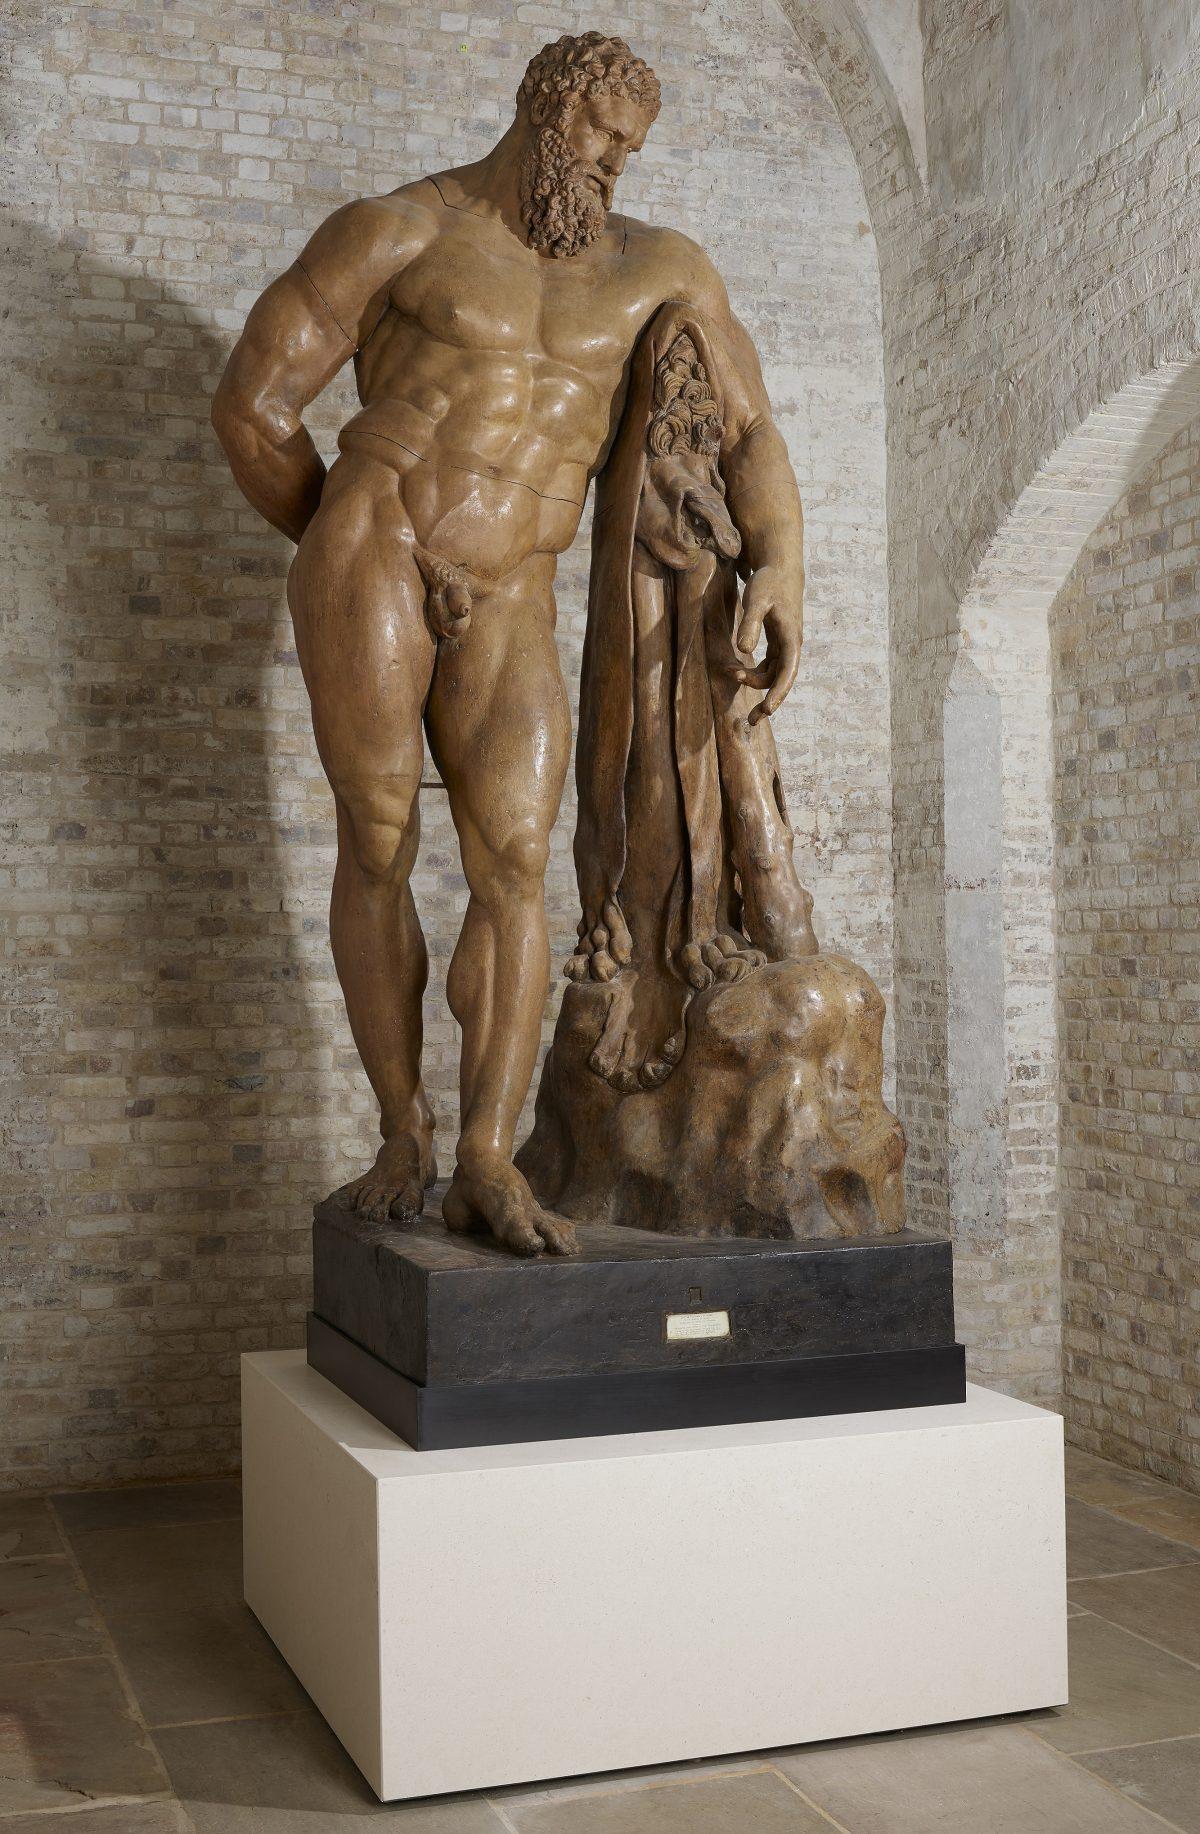 Hercules classic sculpture with Nemean lion